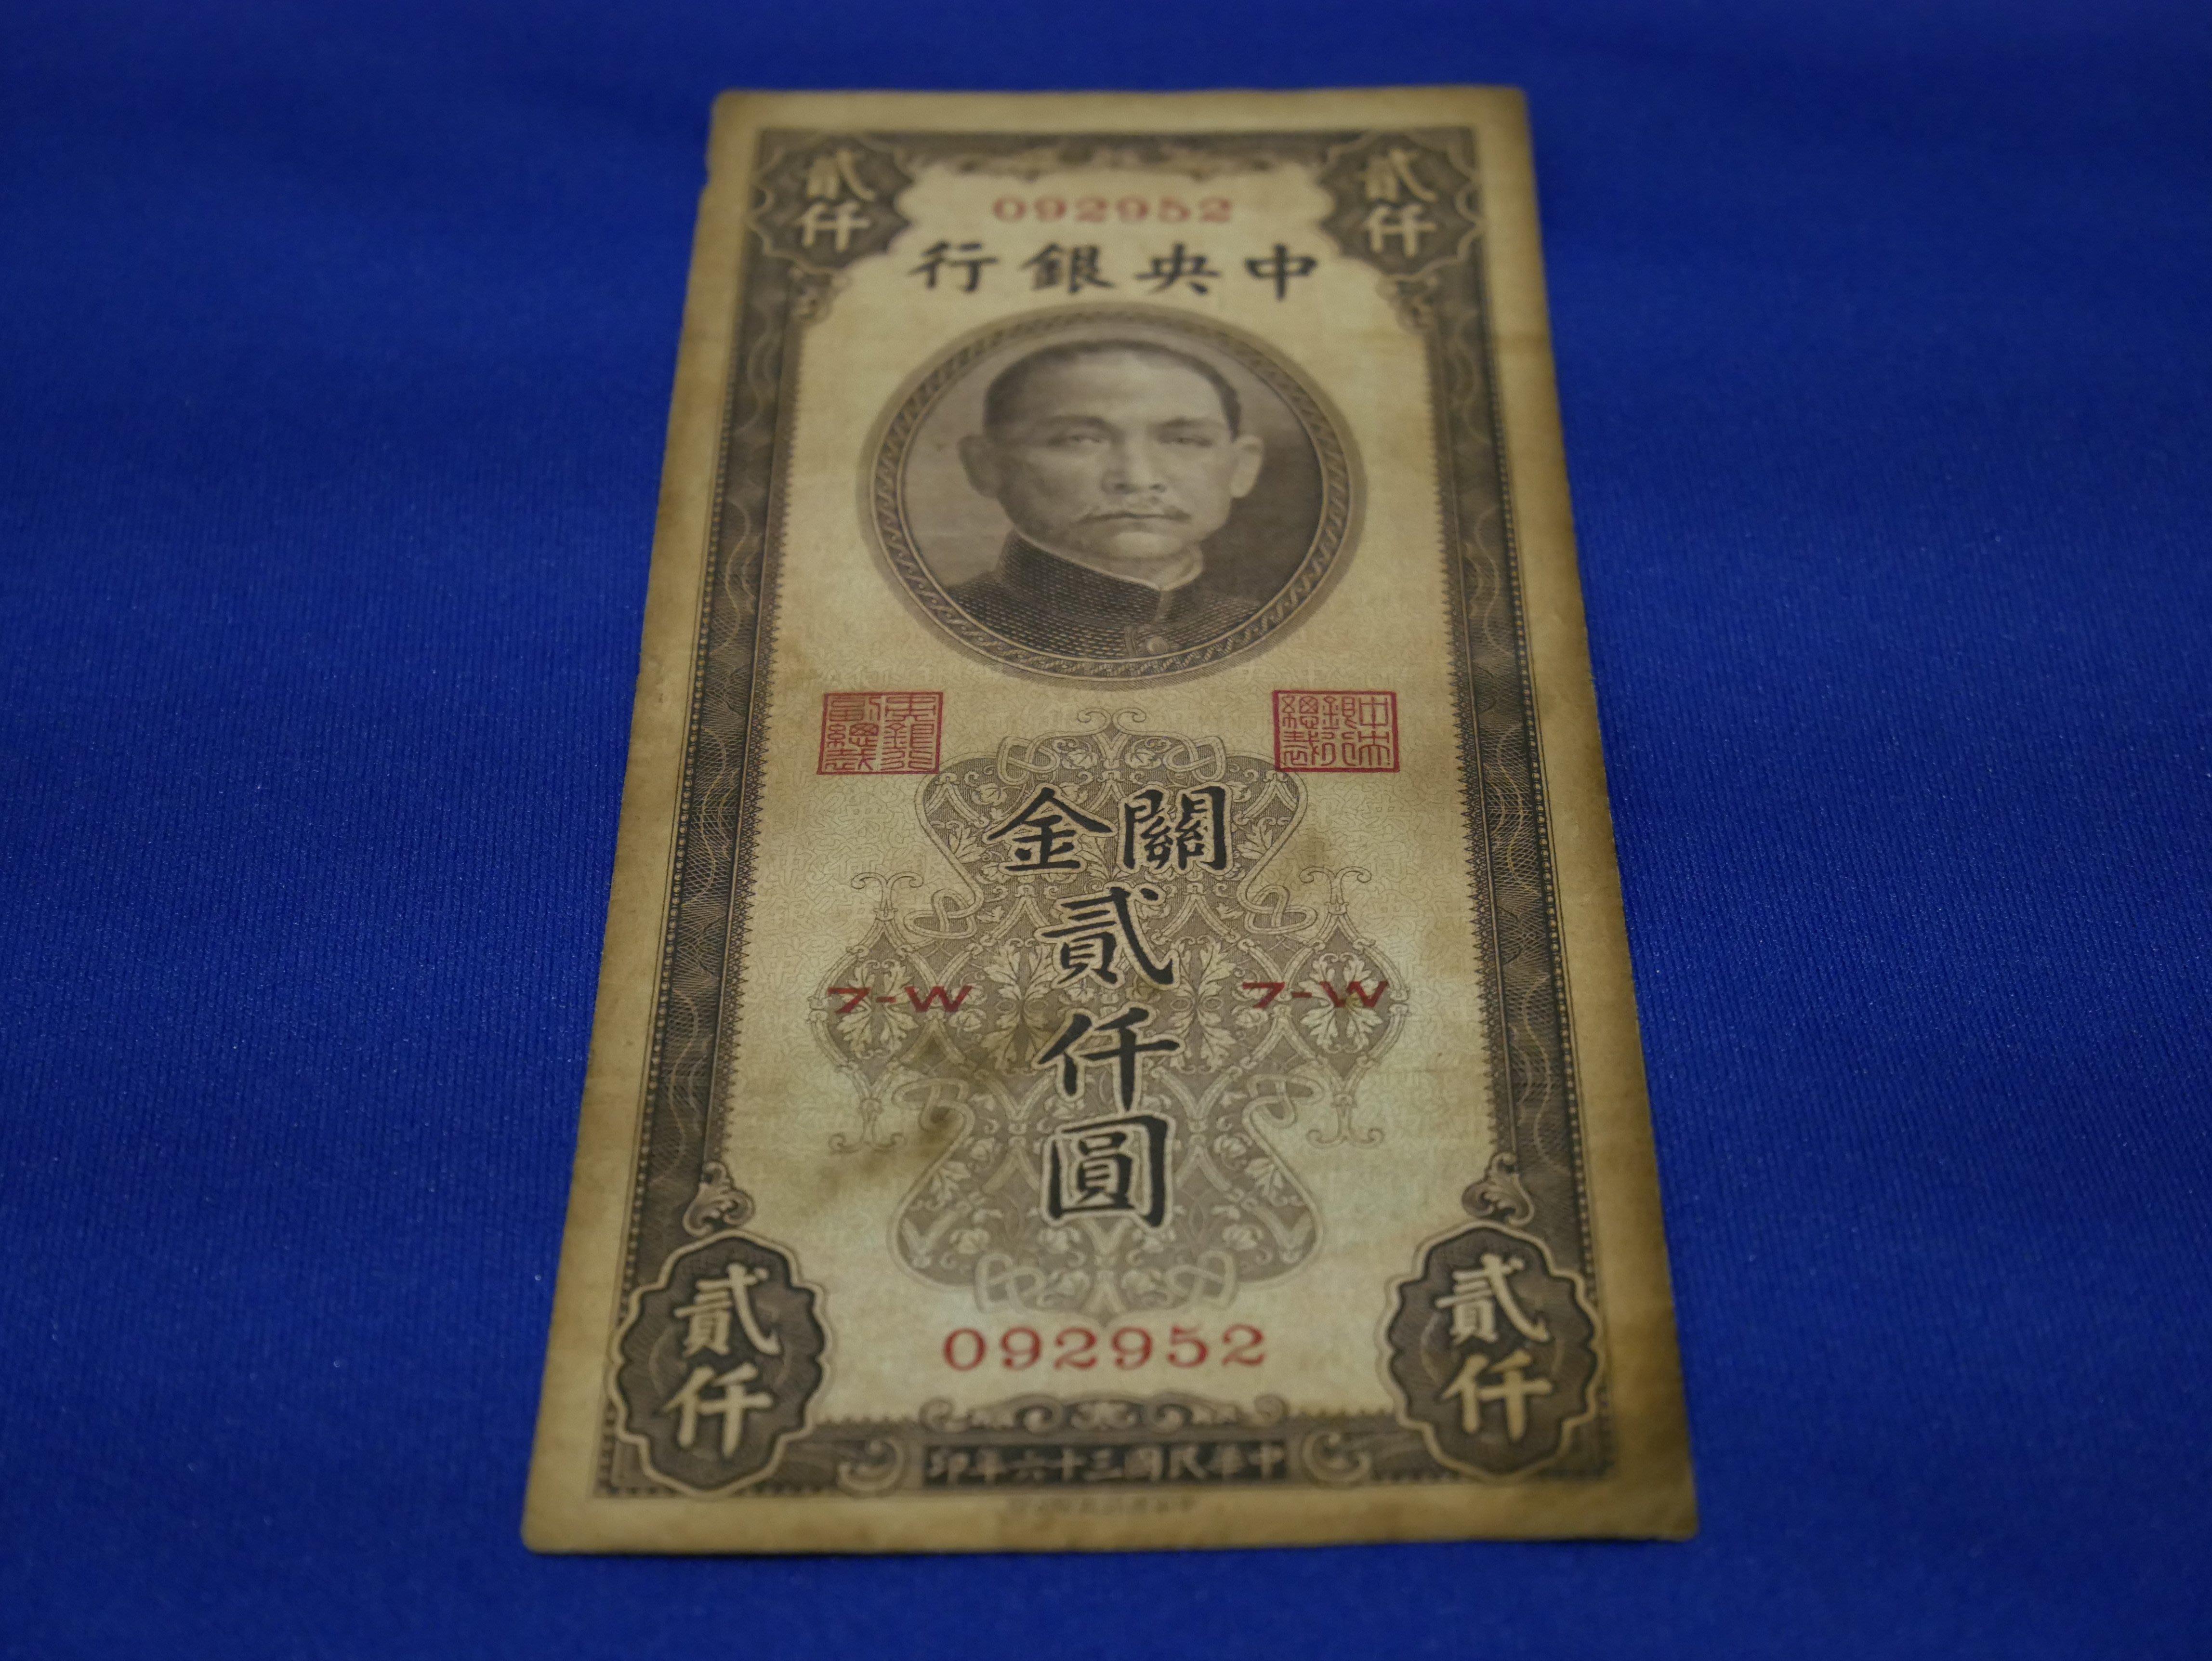 稀有-民國36年,中央銀行關金2000元二仟元,中央銀行版,約8成新-割愛收藏